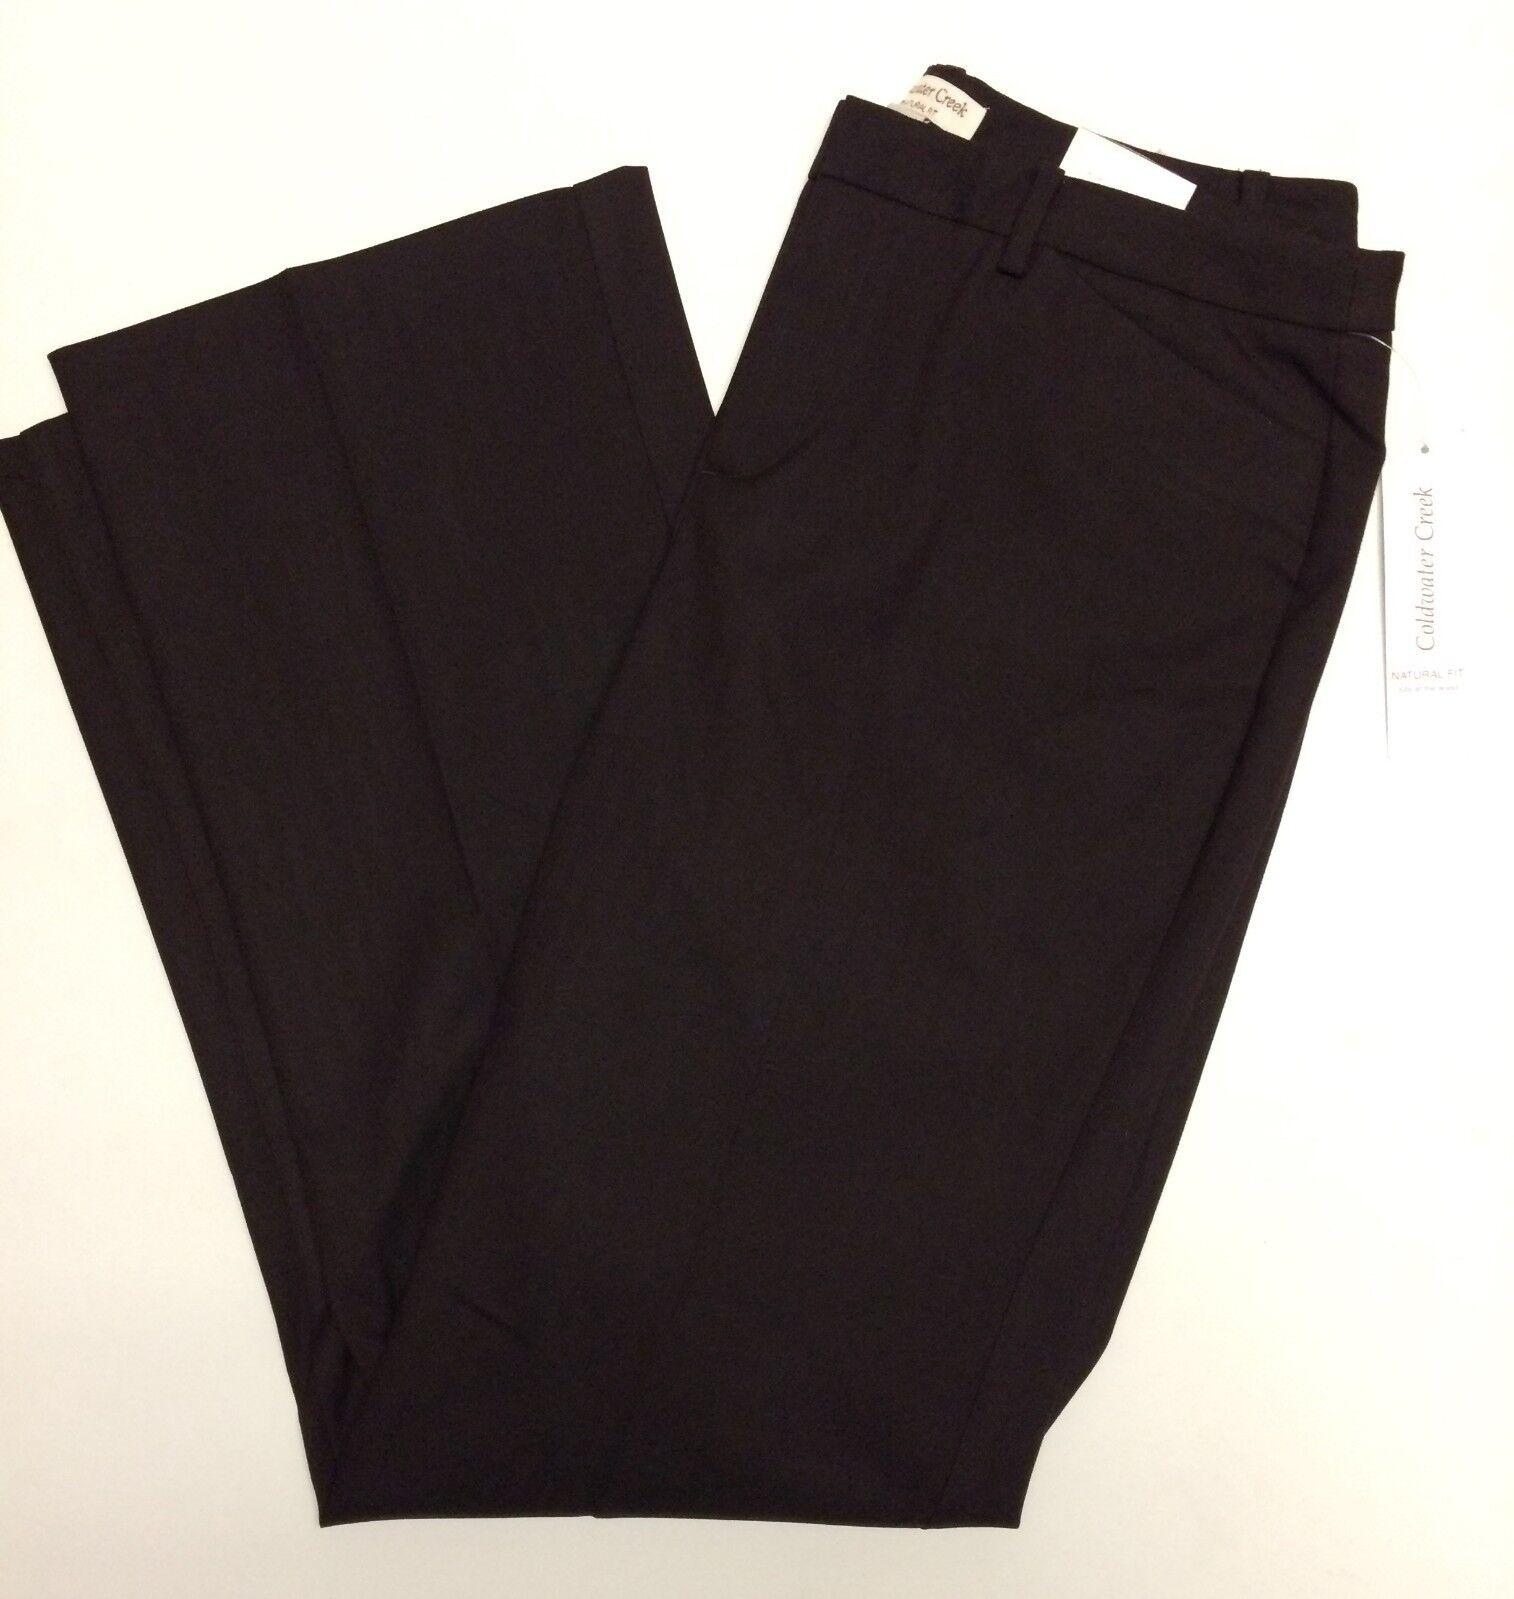 Coldwater Creek 10 Pants Womens Brown Heringbone Trouser Natural Fit Boot Cut